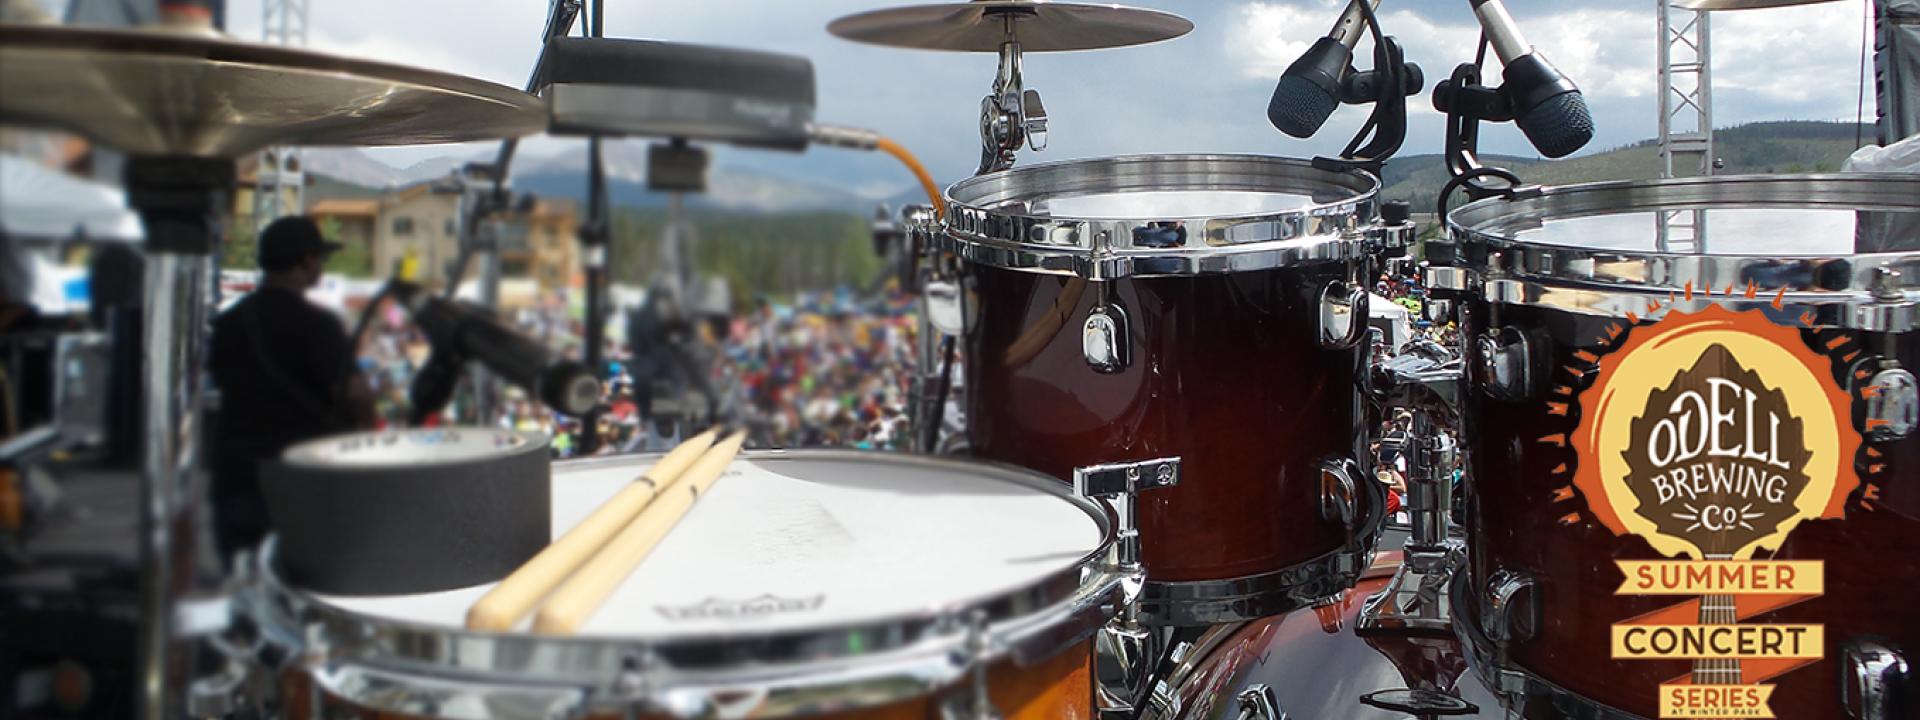 Odell Summer Concert Series